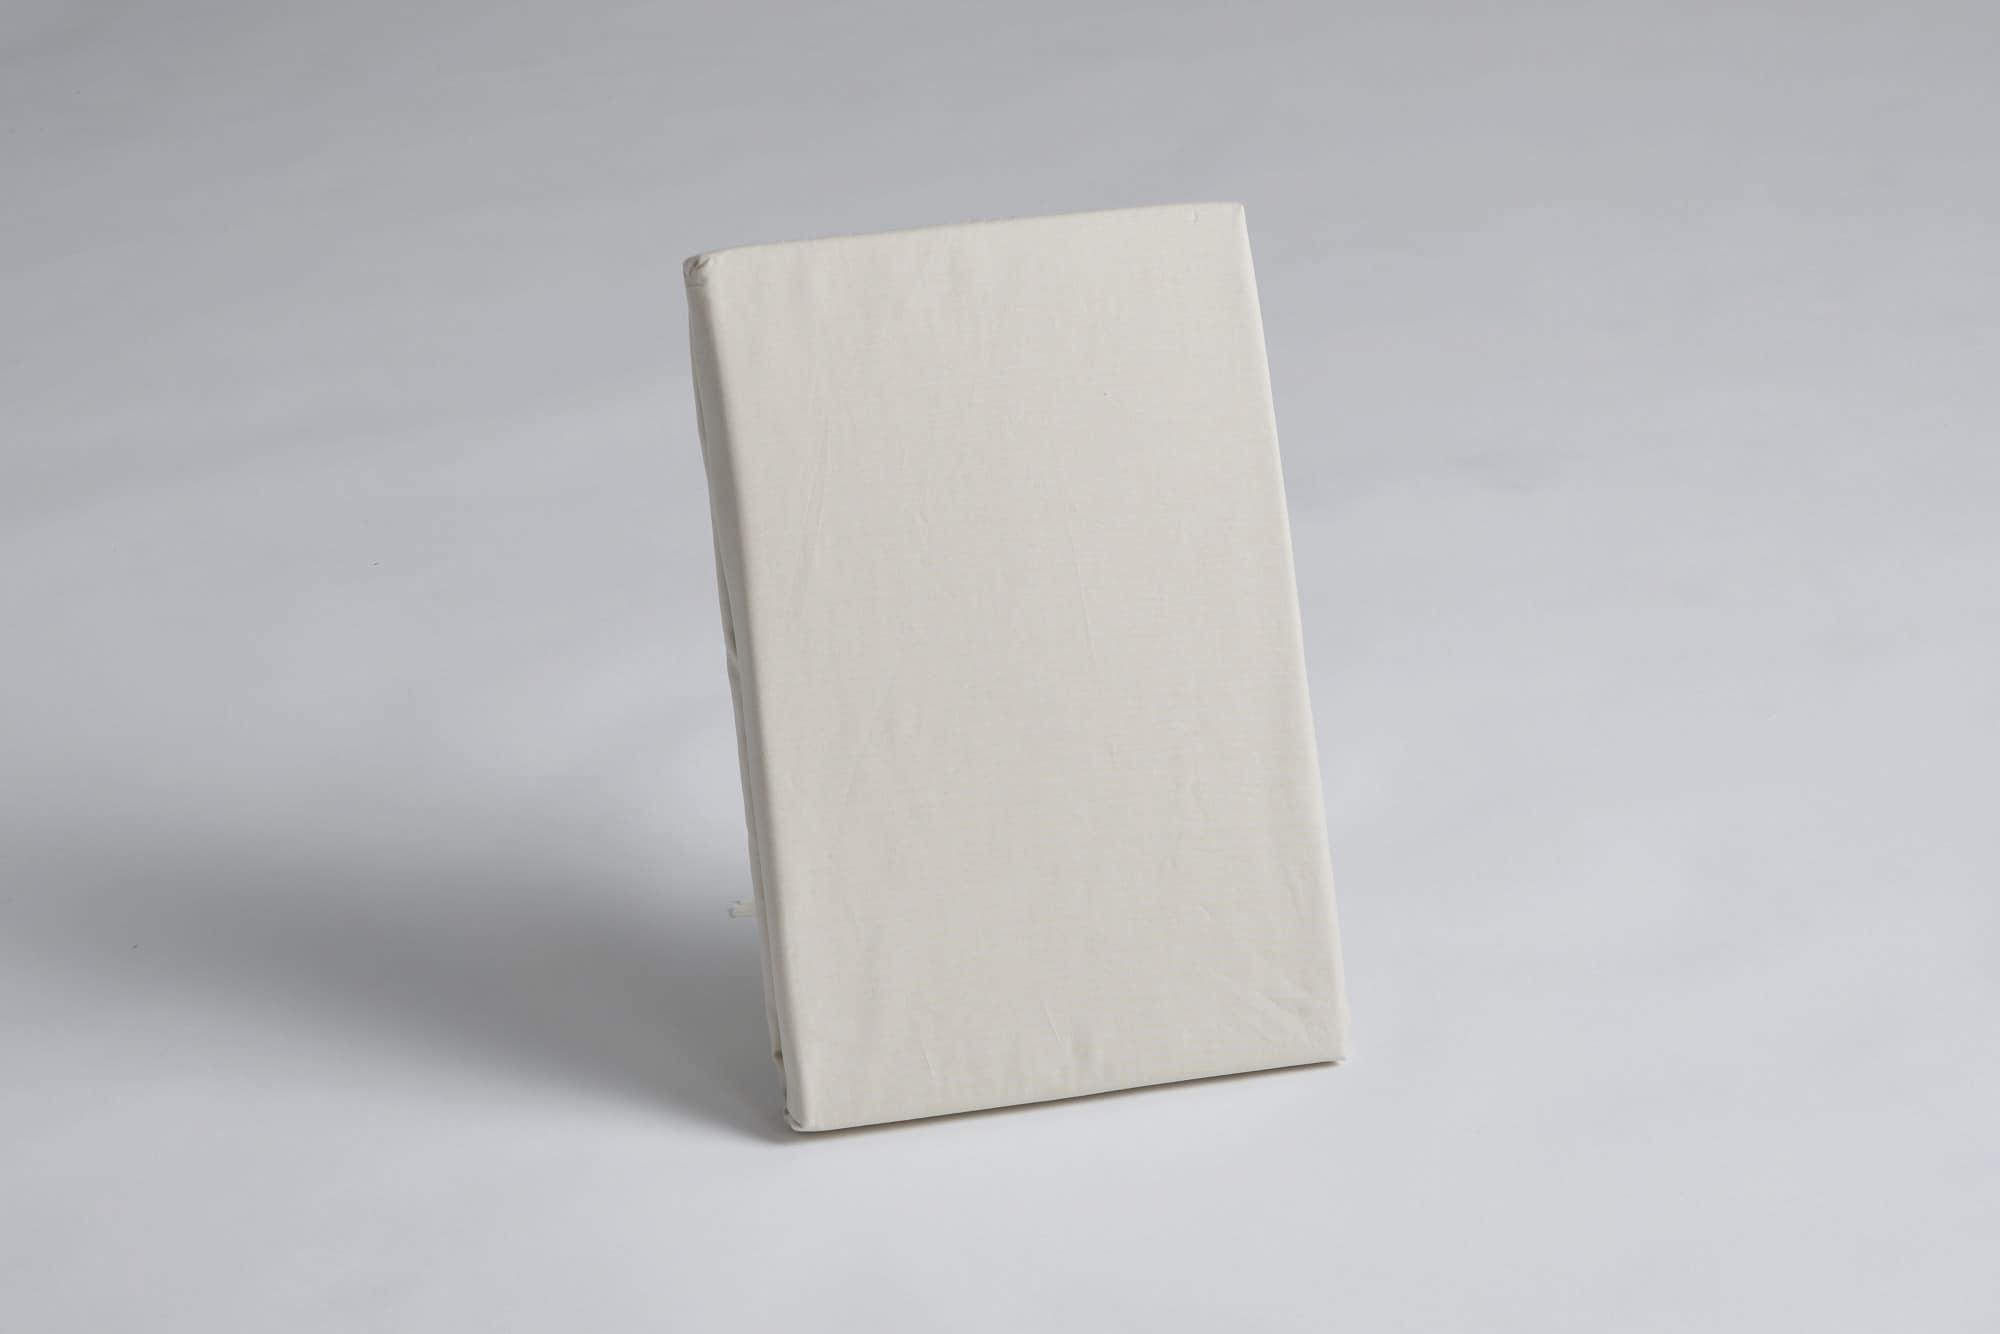 ボックスシーツ シングル用 30H ナチュラル